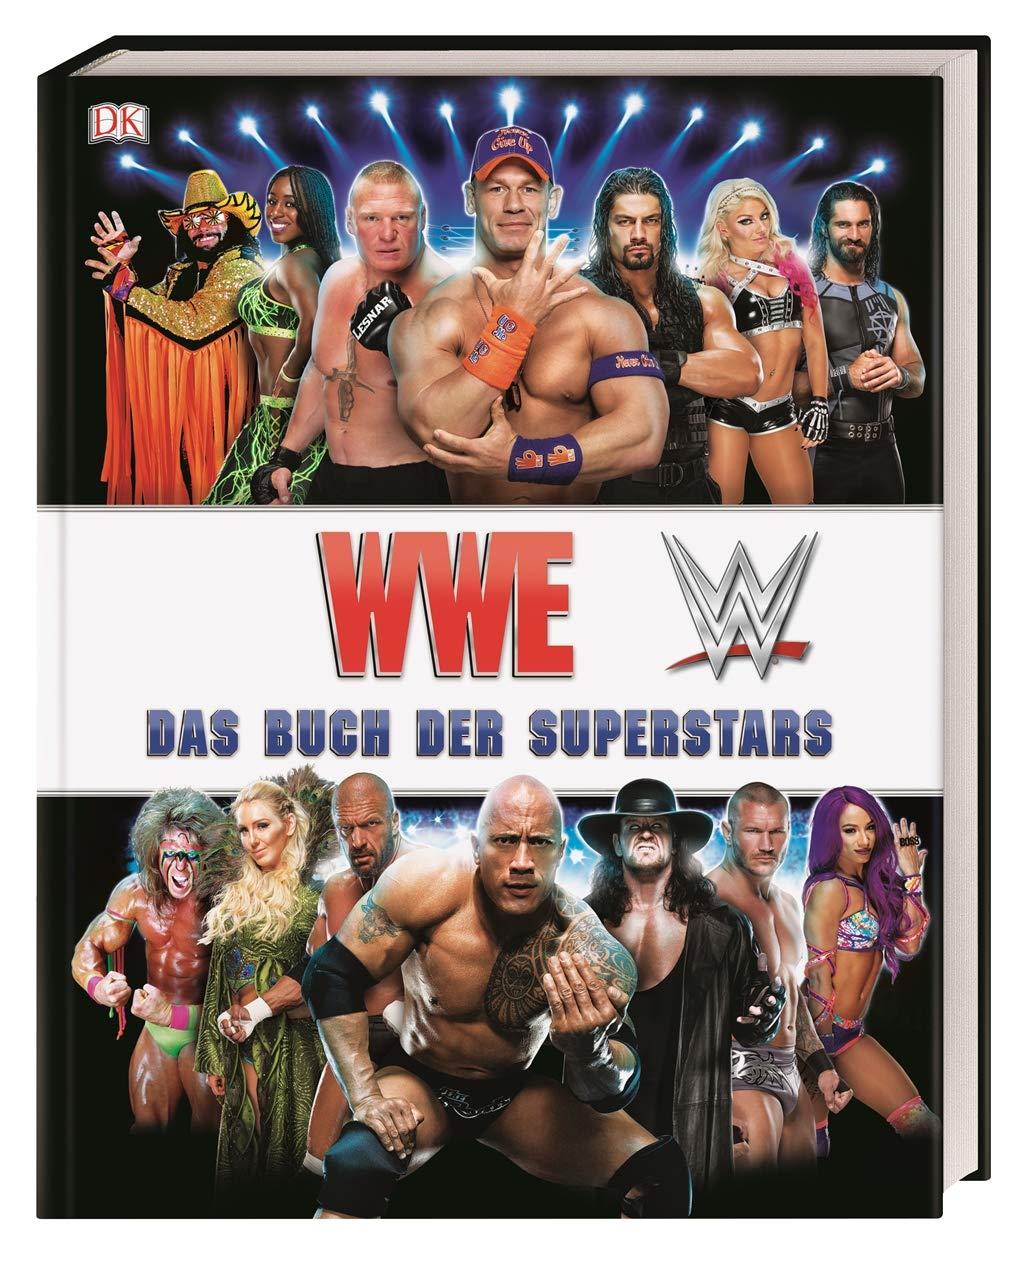 WWE Das Buch der Superstars: Amazon.es: Black, Jake: Libros en idiomas extranjeros